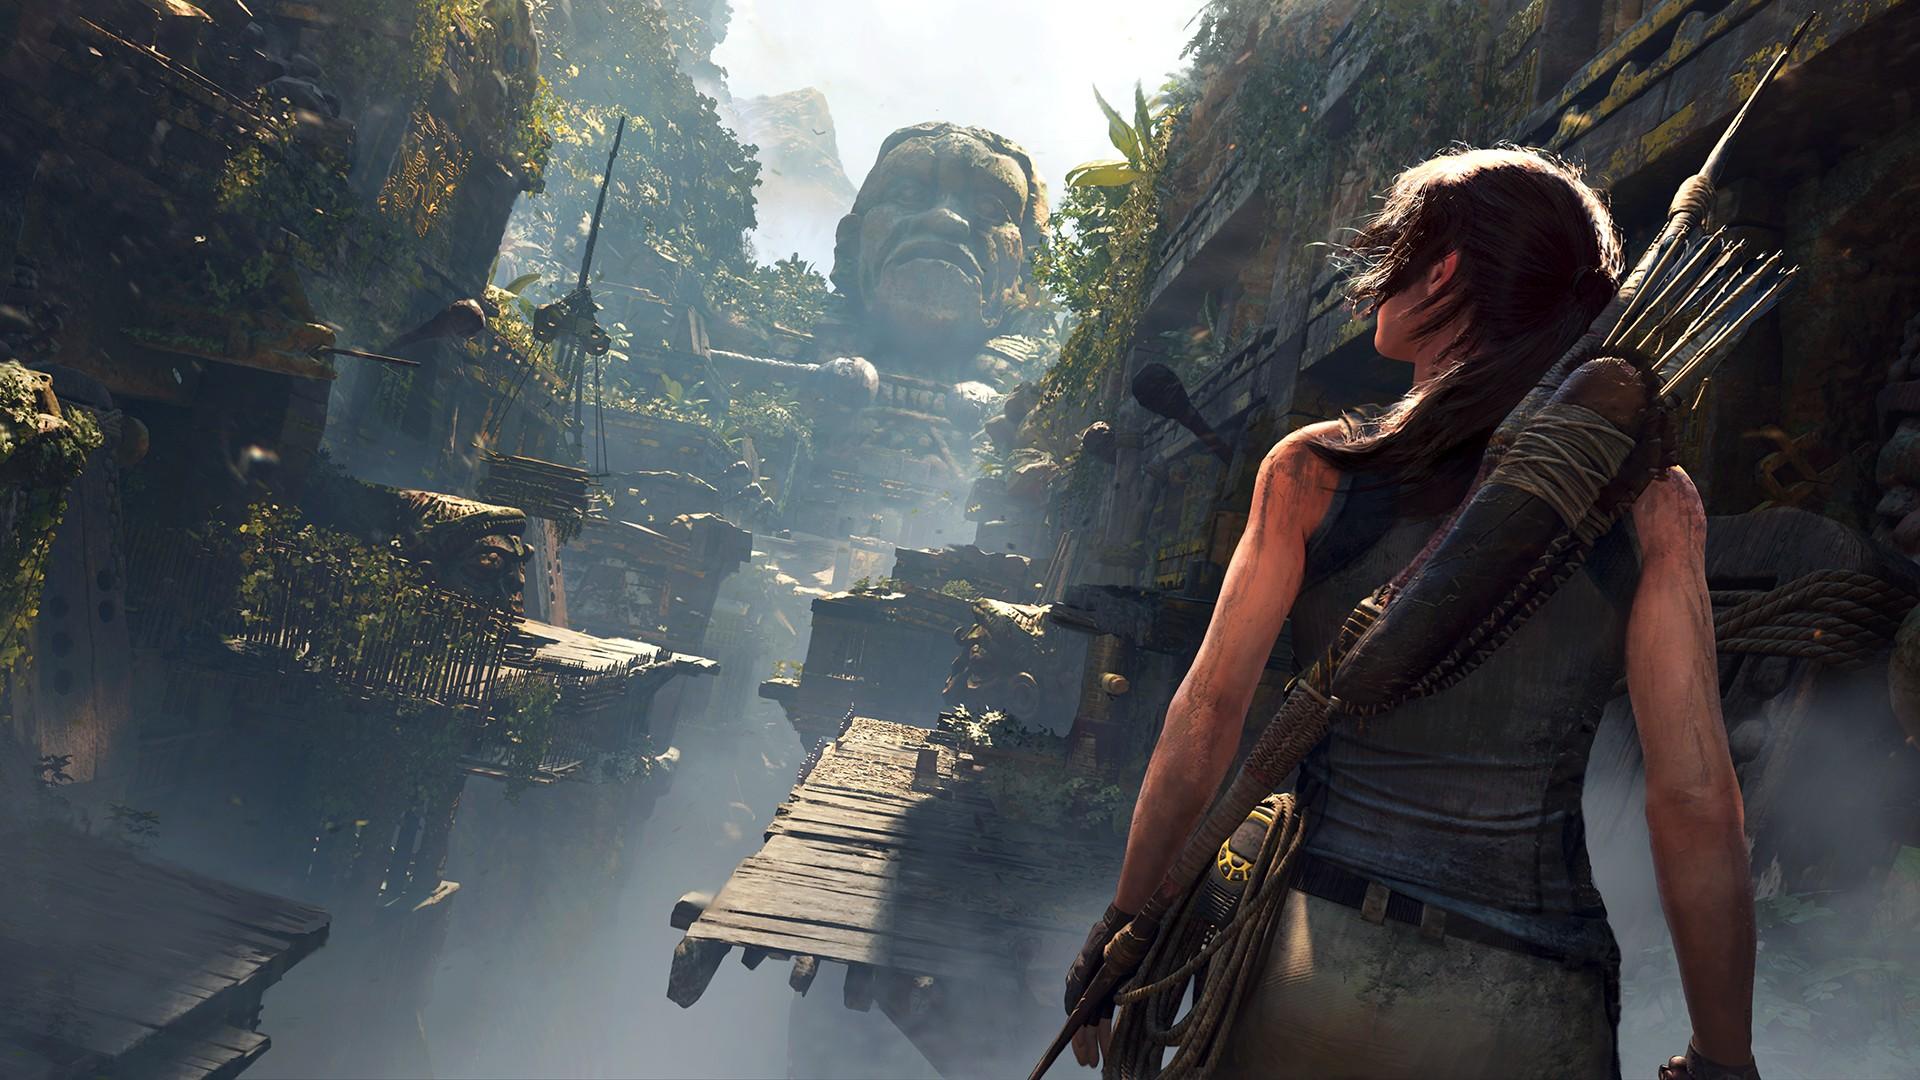 劳拉又遇新挑战《古墓丽影:暗影》噩梦DLC今日上市